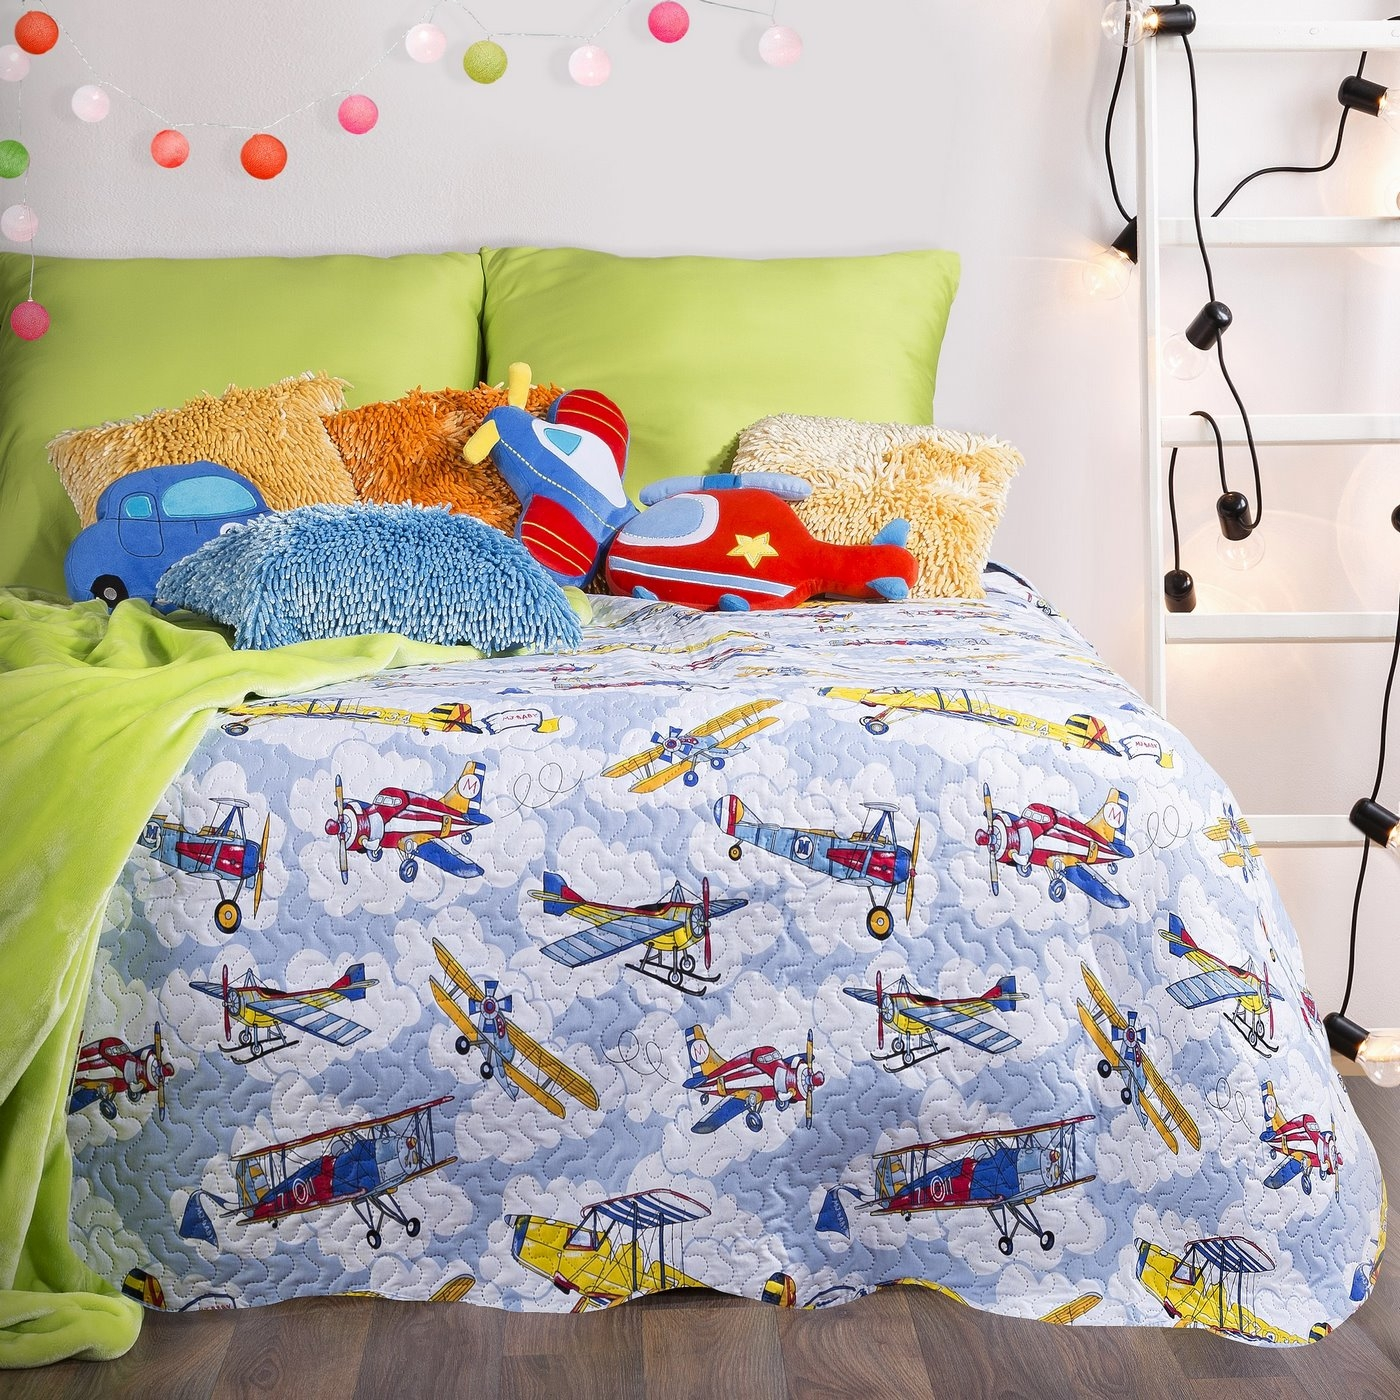 Cuvertura pat copii Eddy Multicolour, 170 x 210 cm